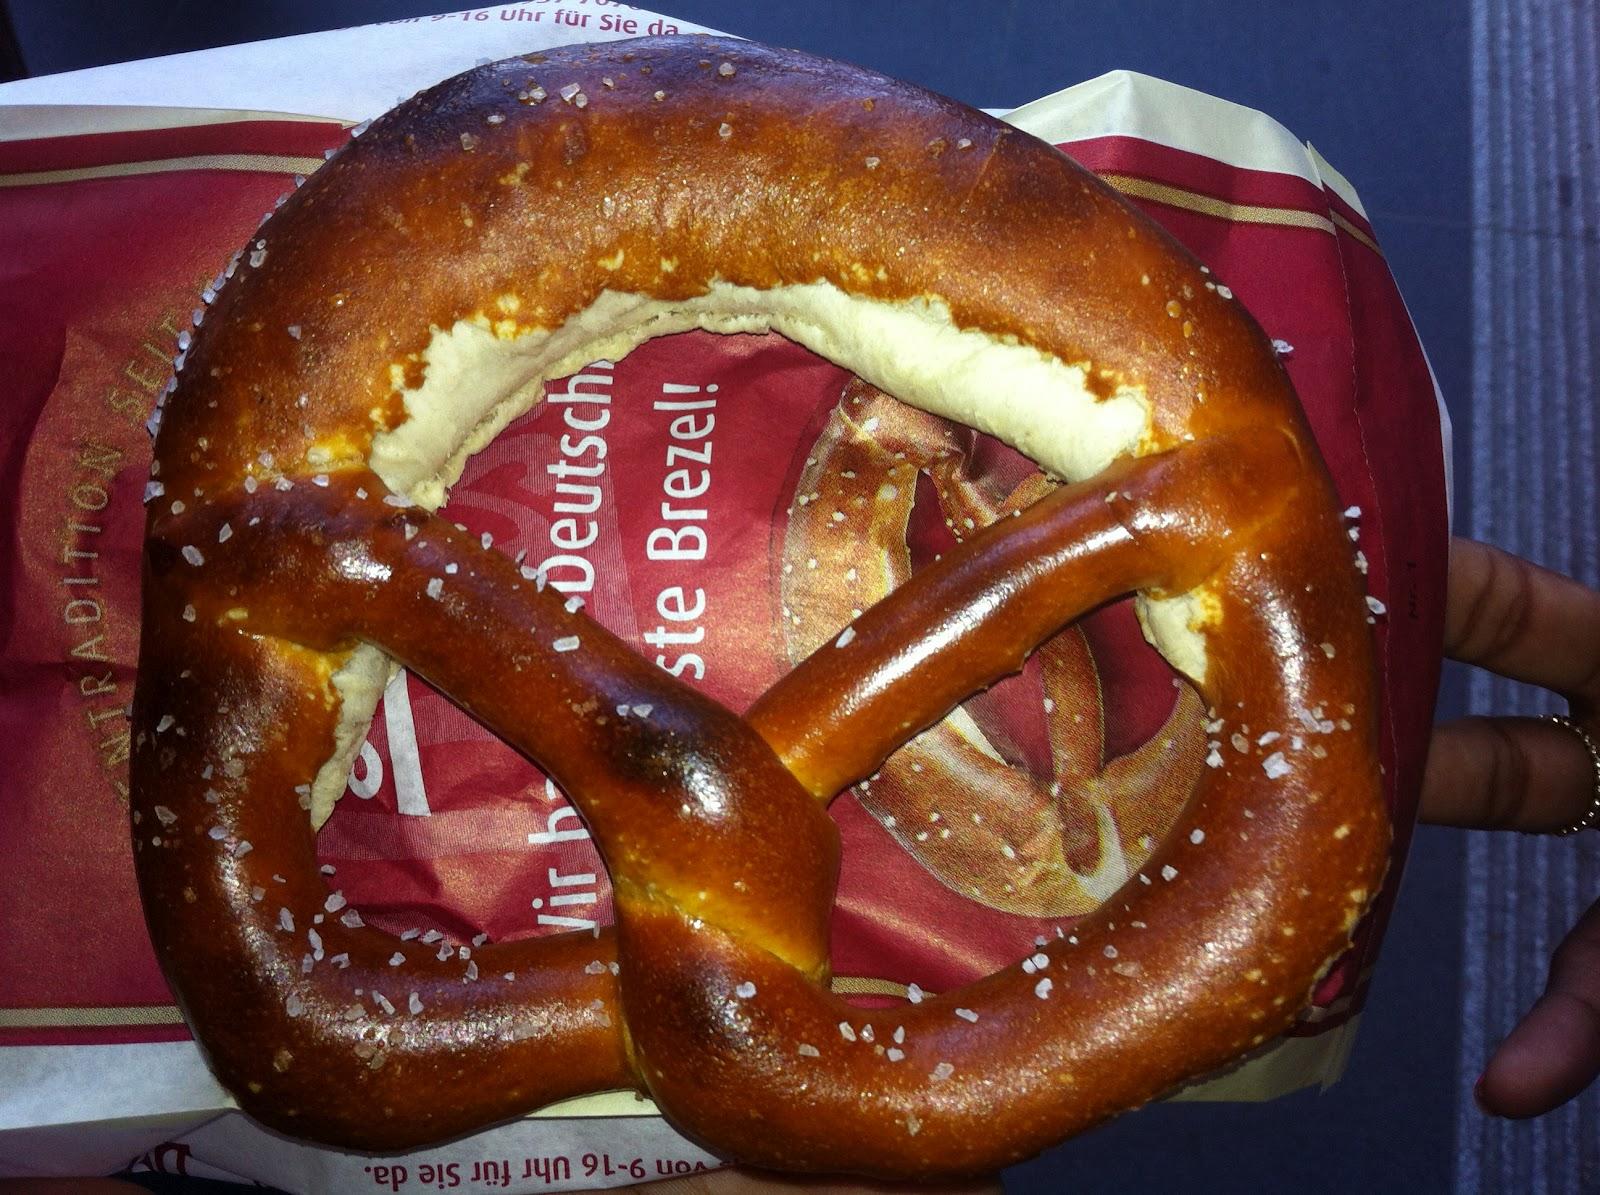 tysk kage